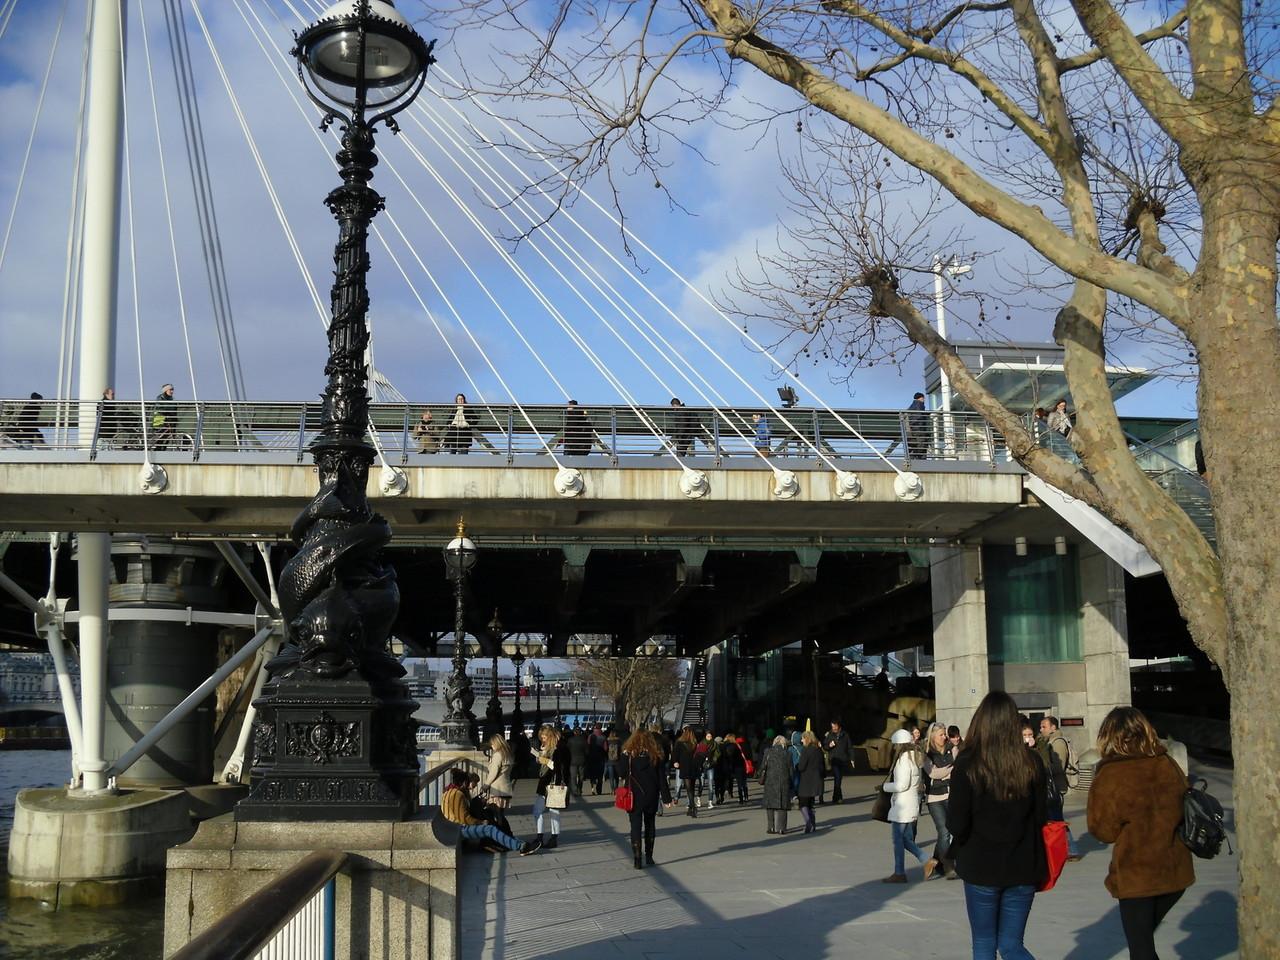 フェスティバルホールからロンドン・アイまでのサウス・バンク散歩道4